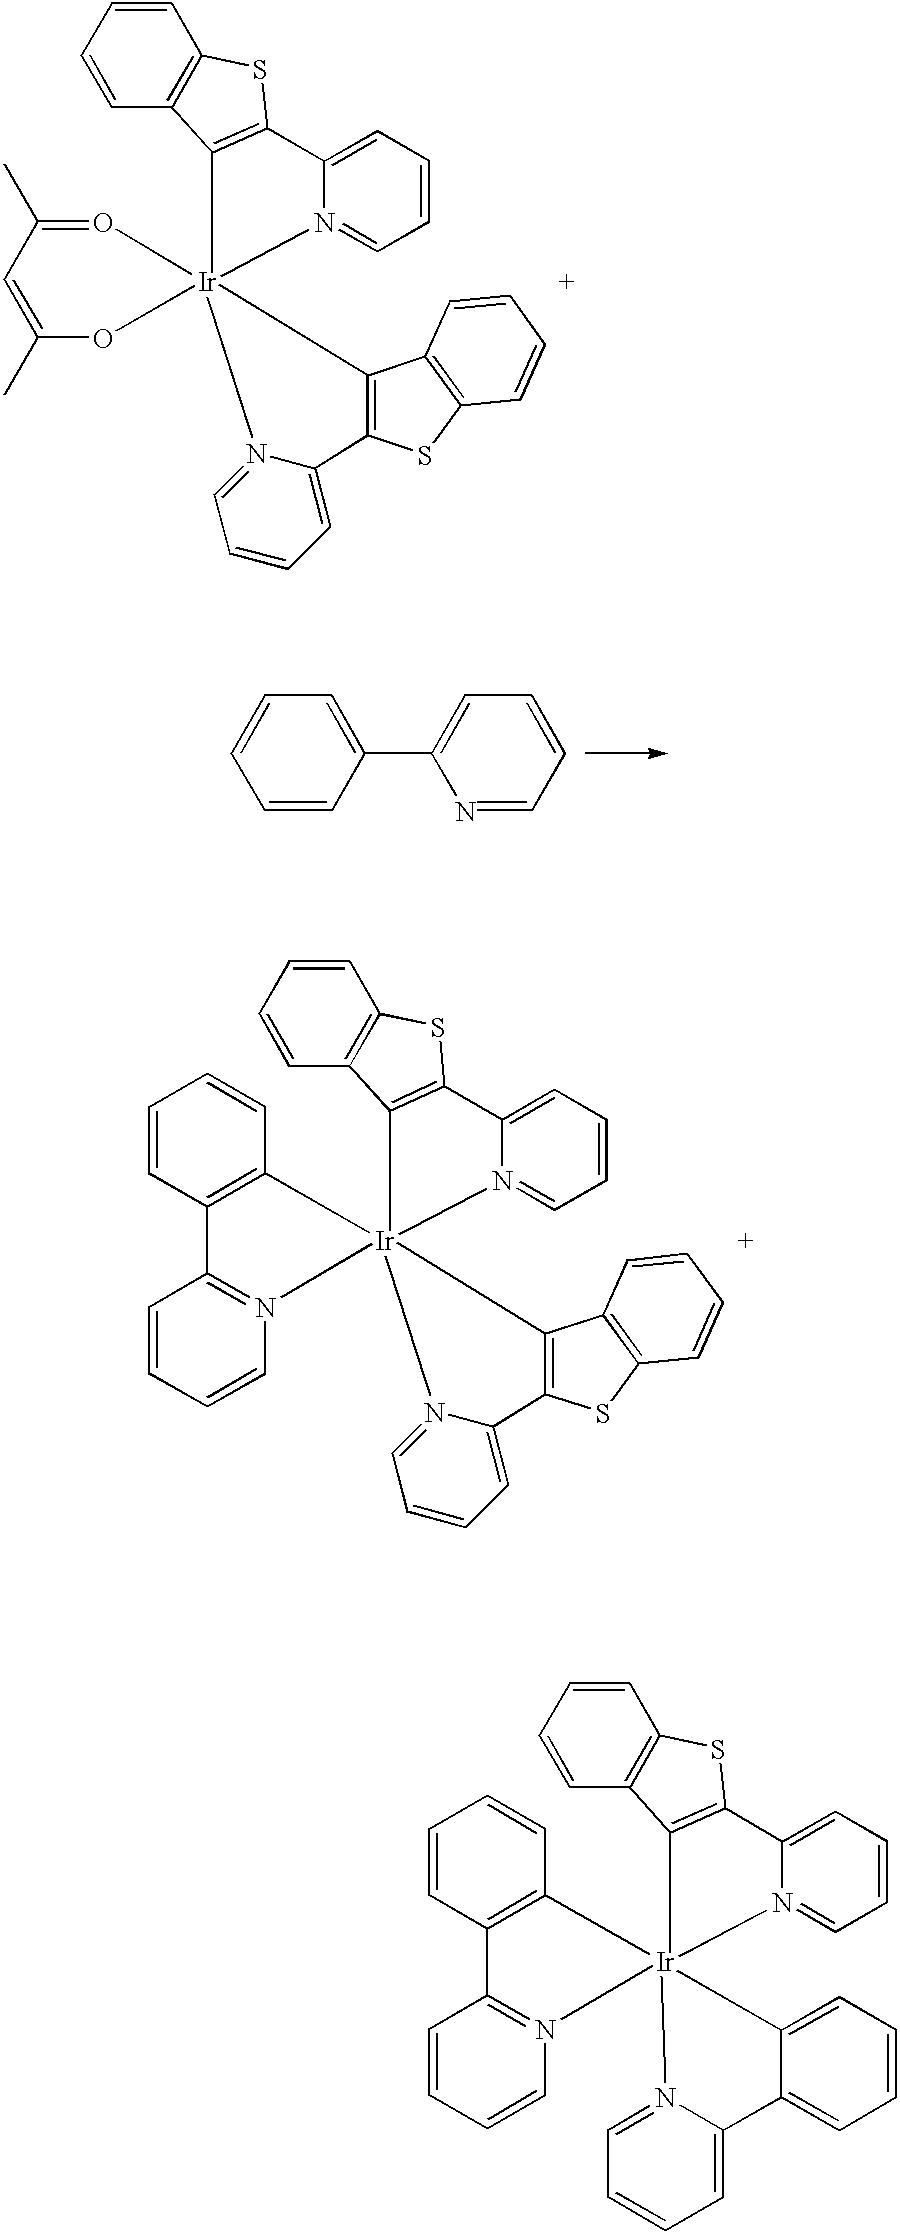 Figure US20030054198A1-20030320-C00019